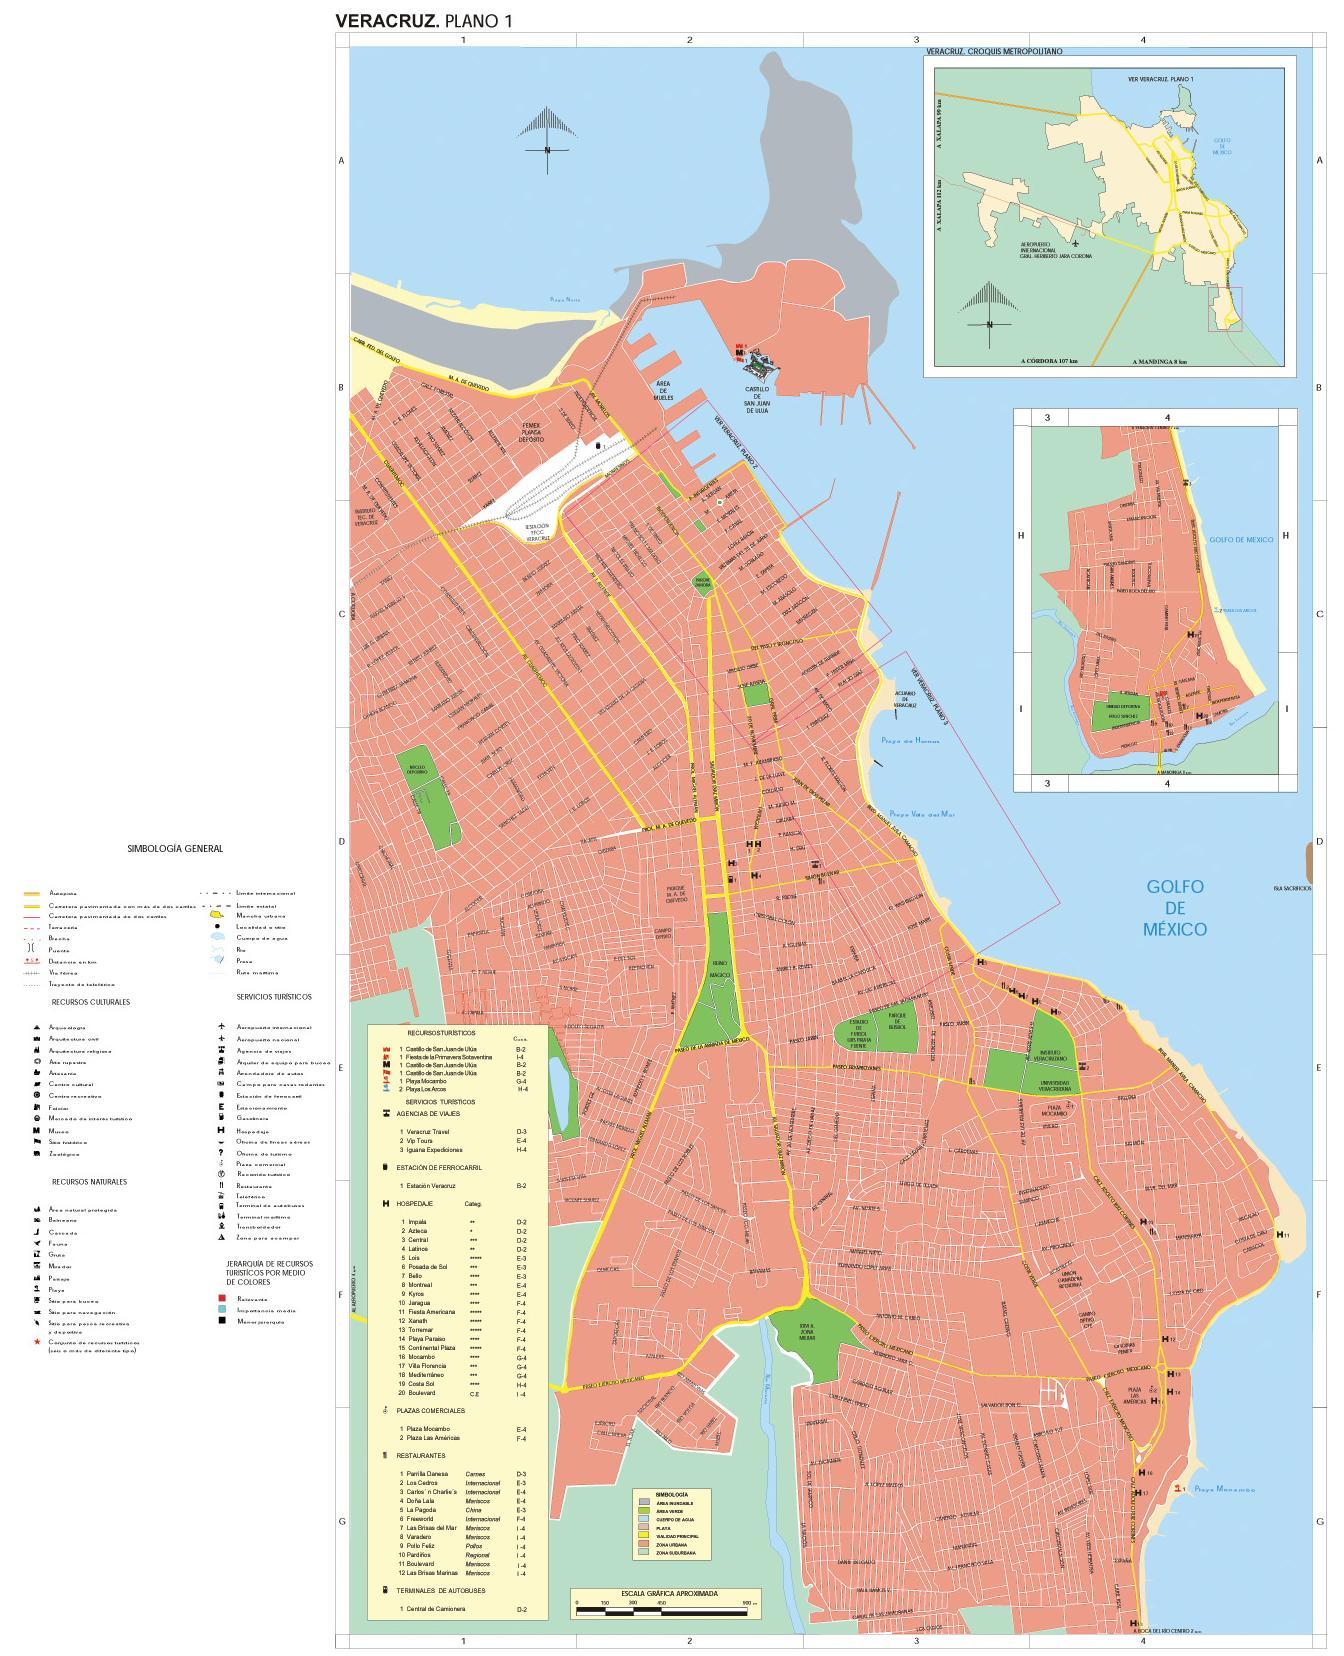 Veracruz Map, Veracruz-Llave, Mexico